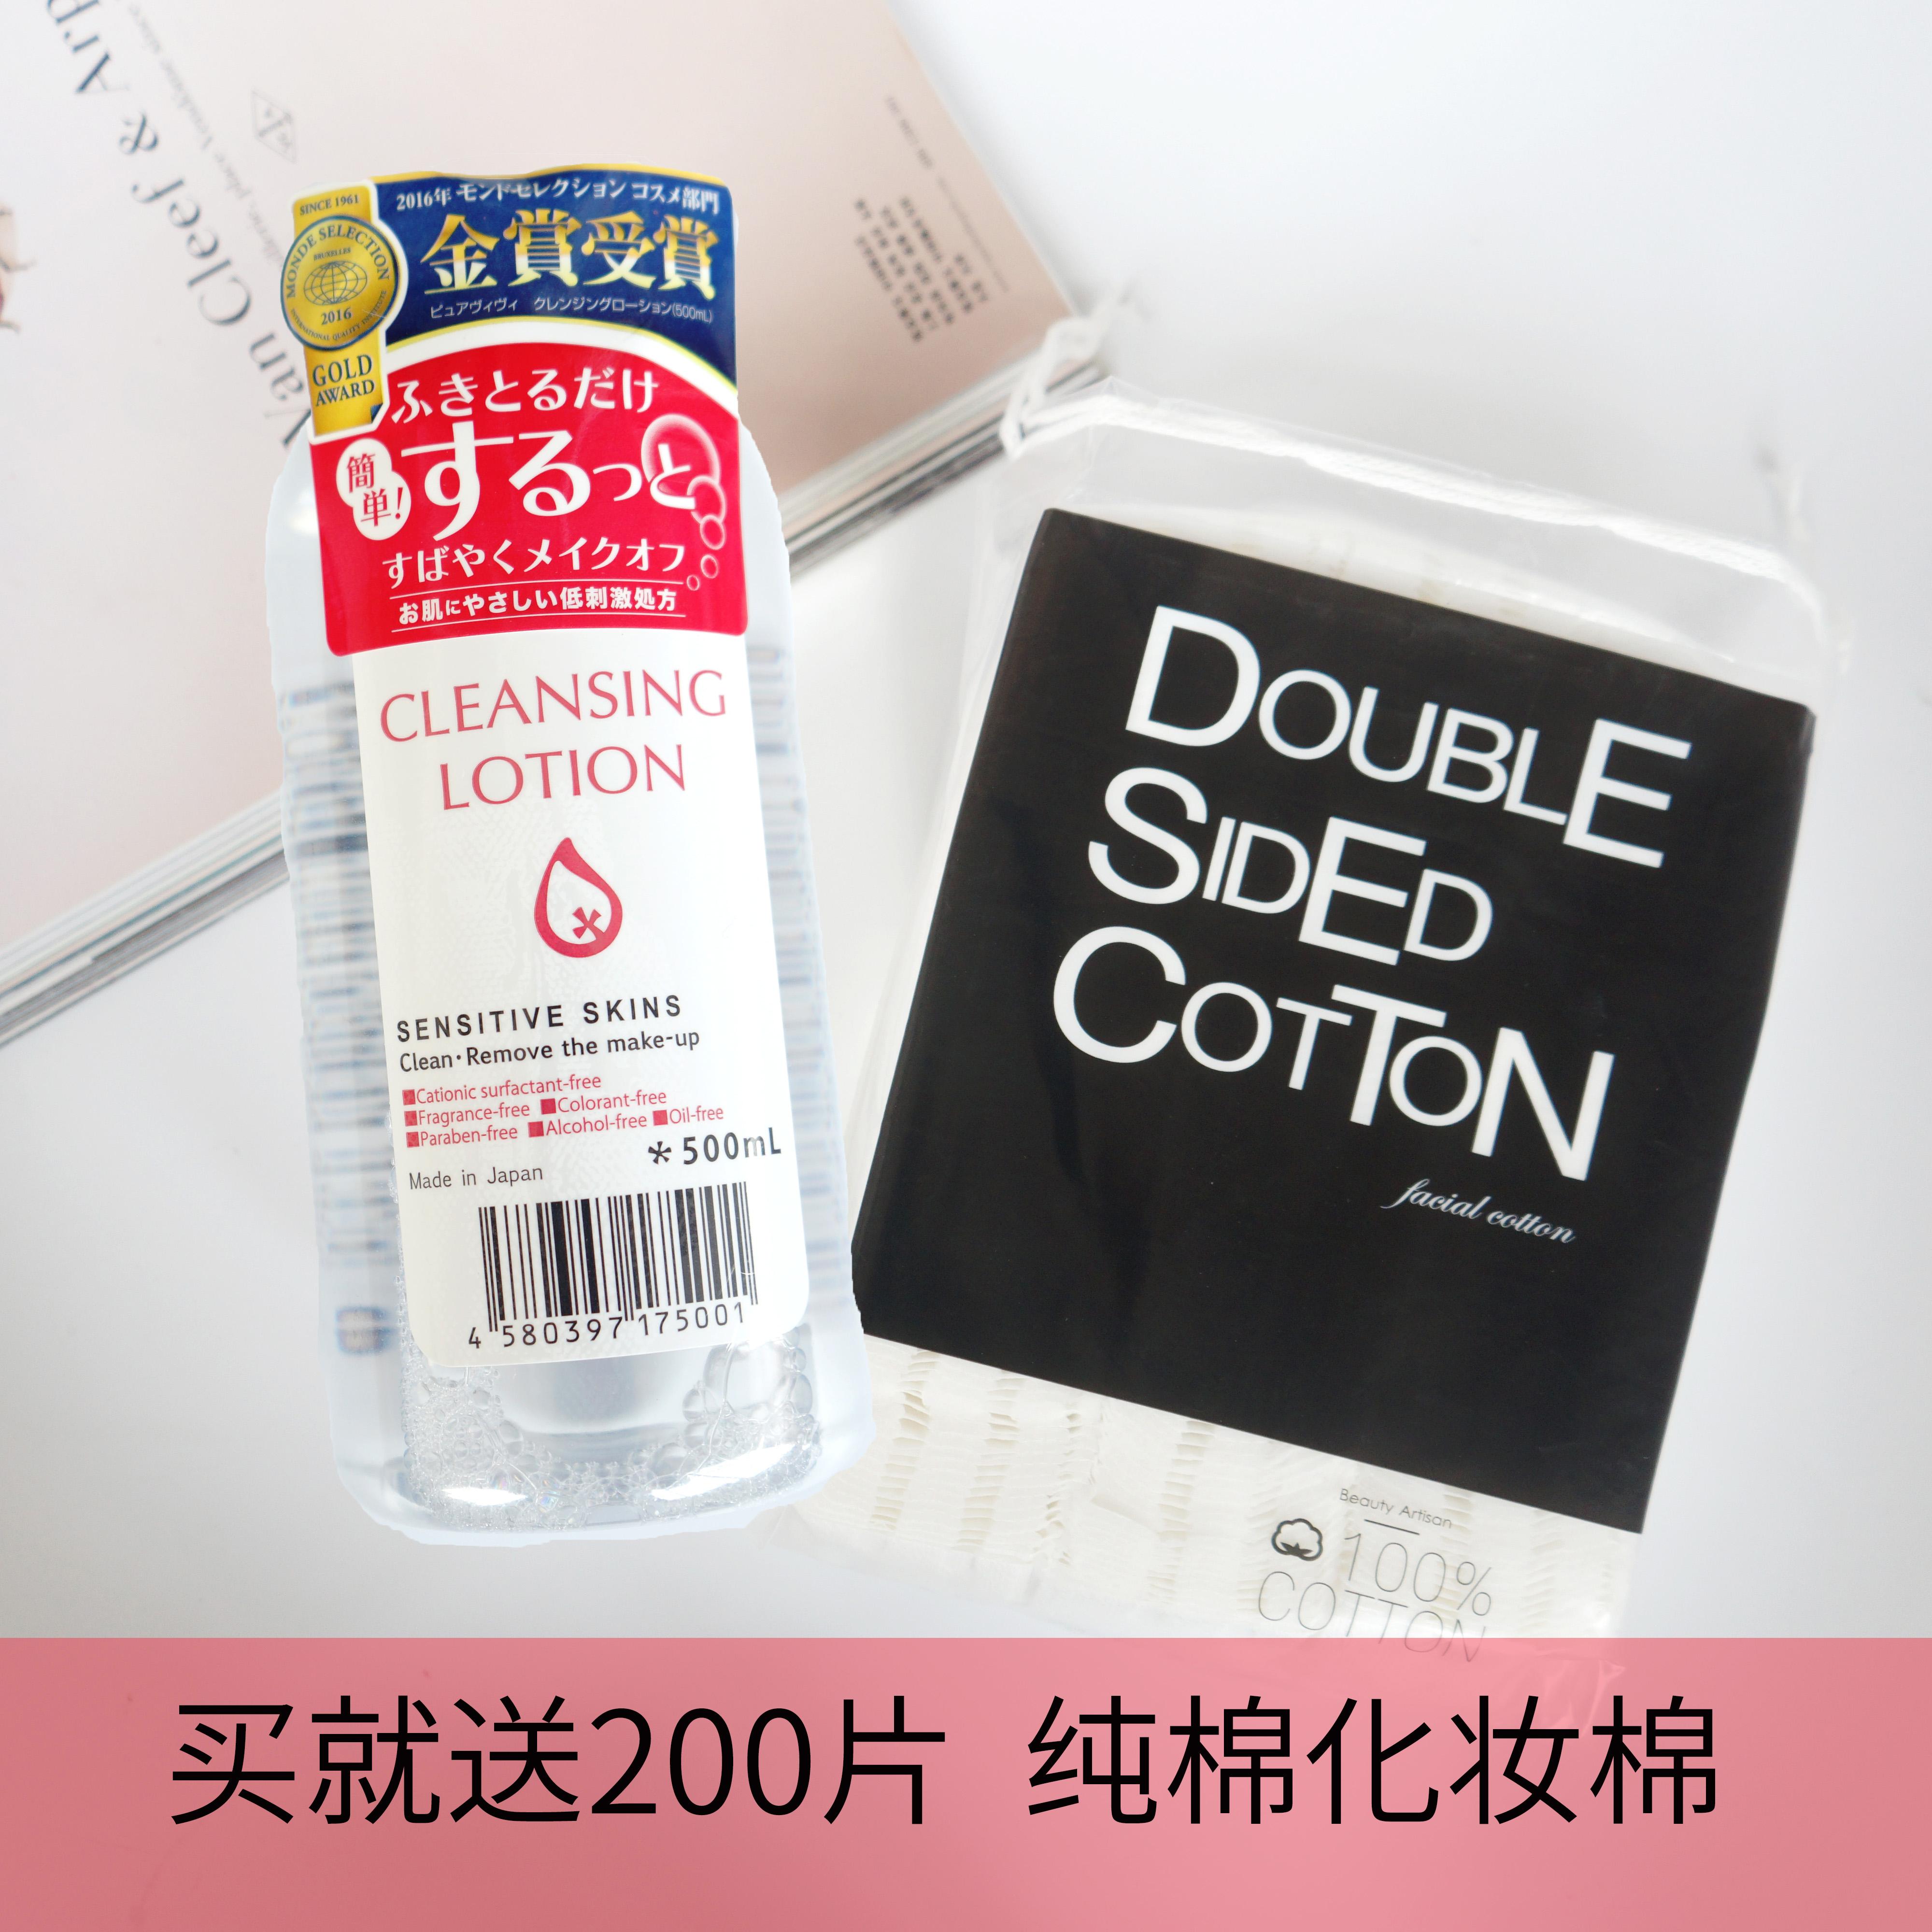 日本皇后卸妆水 脸部温和清洁无刺激深层眼唇卸妆液淡妆彩妆500ML